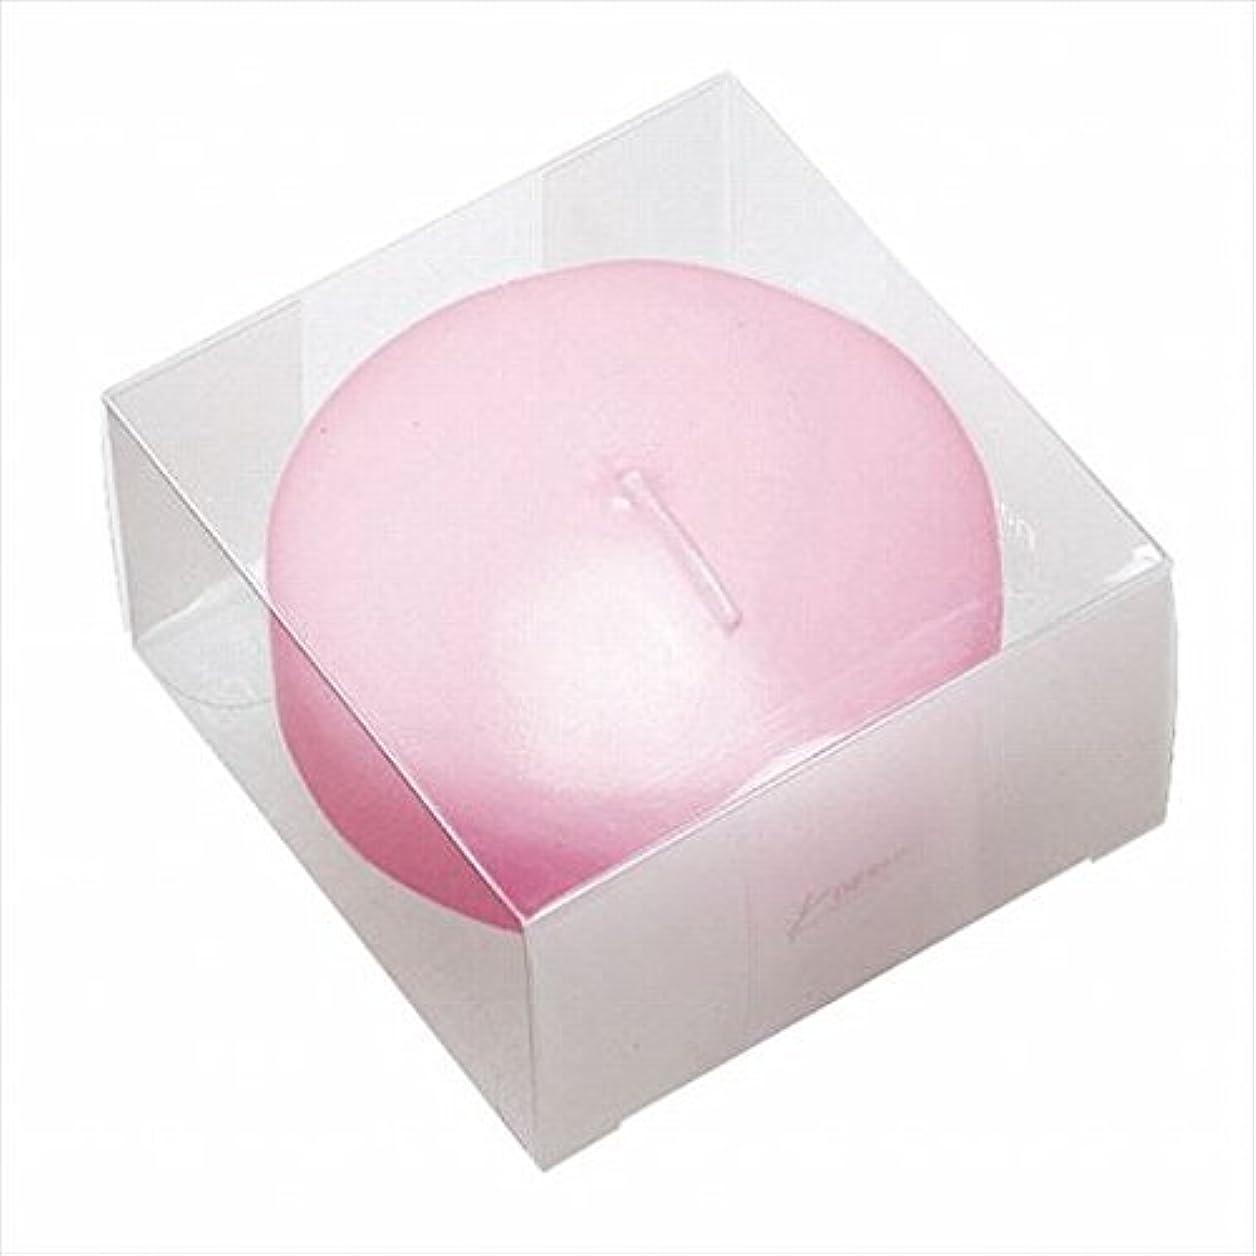 場所鹿合図カメヤマキャンドル(kameyama candle) プール80(箱入り) 「 ピンク 」